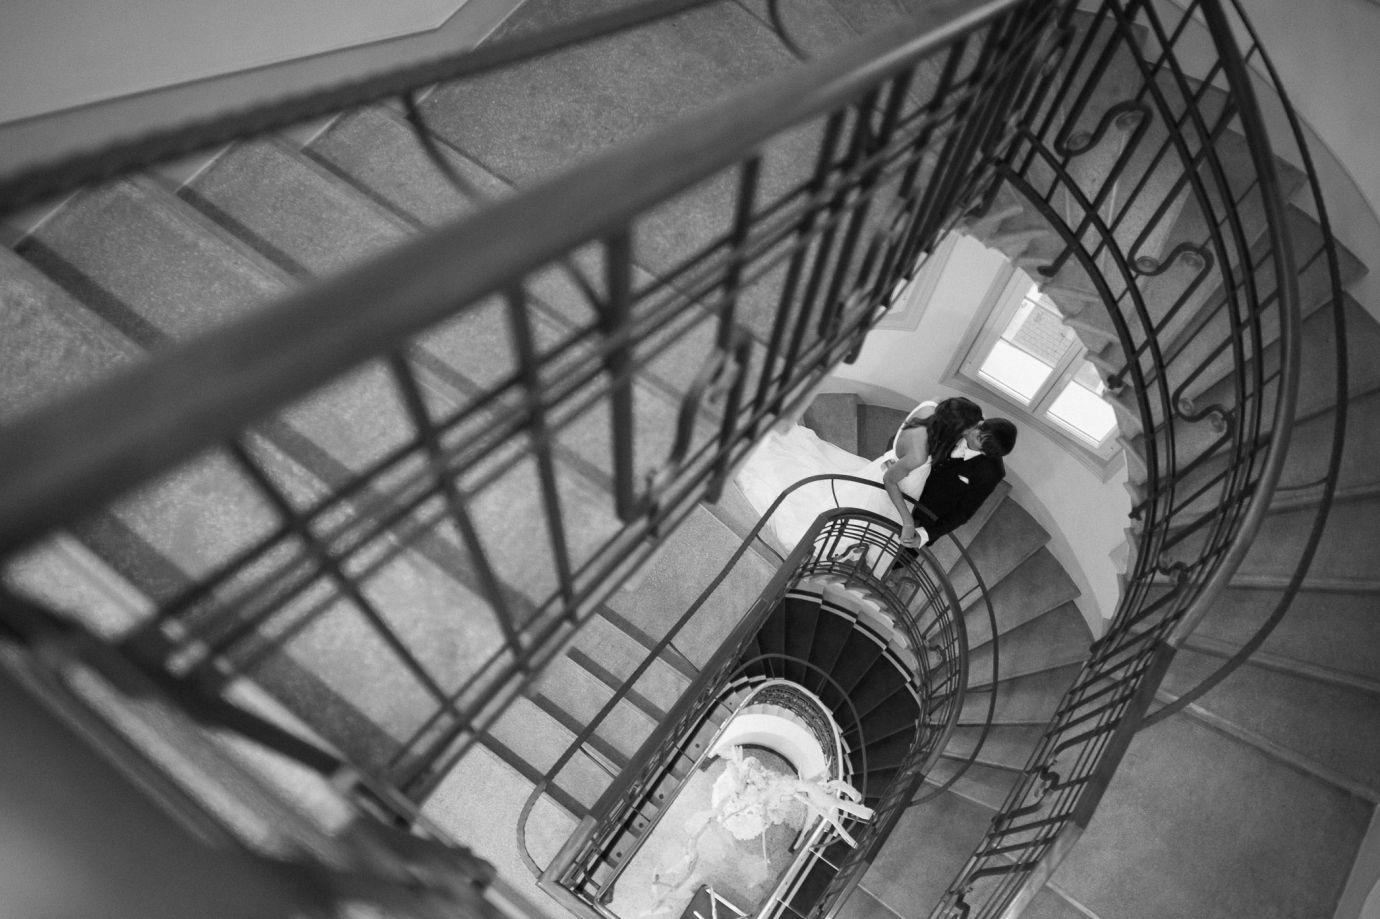 hochzeitsfotograf_andreas_jacob_hochzeit_kufstein_italien_075